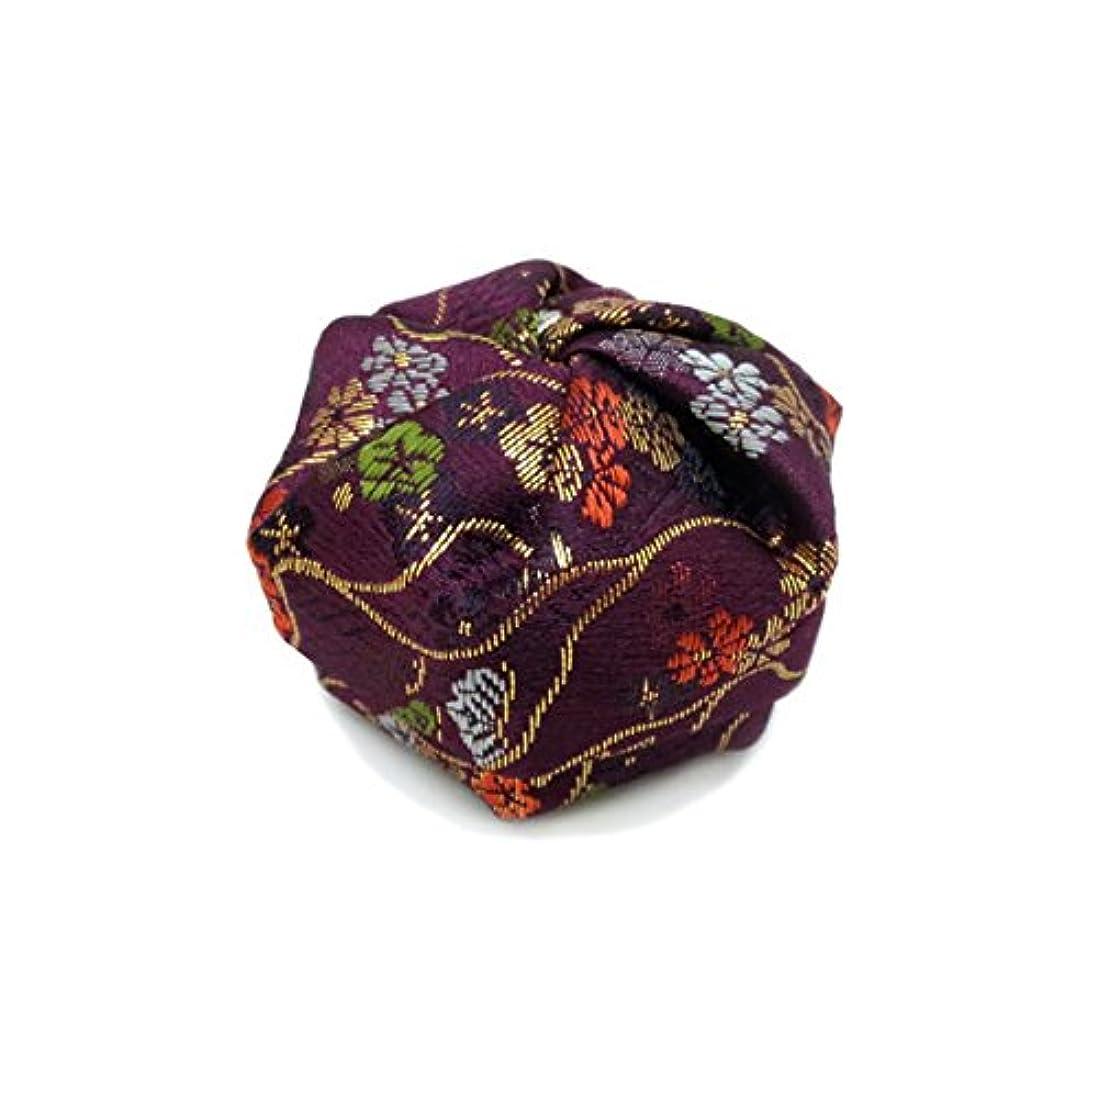 ゲージ形エスカレーター布香盒 紫系 紙箱入